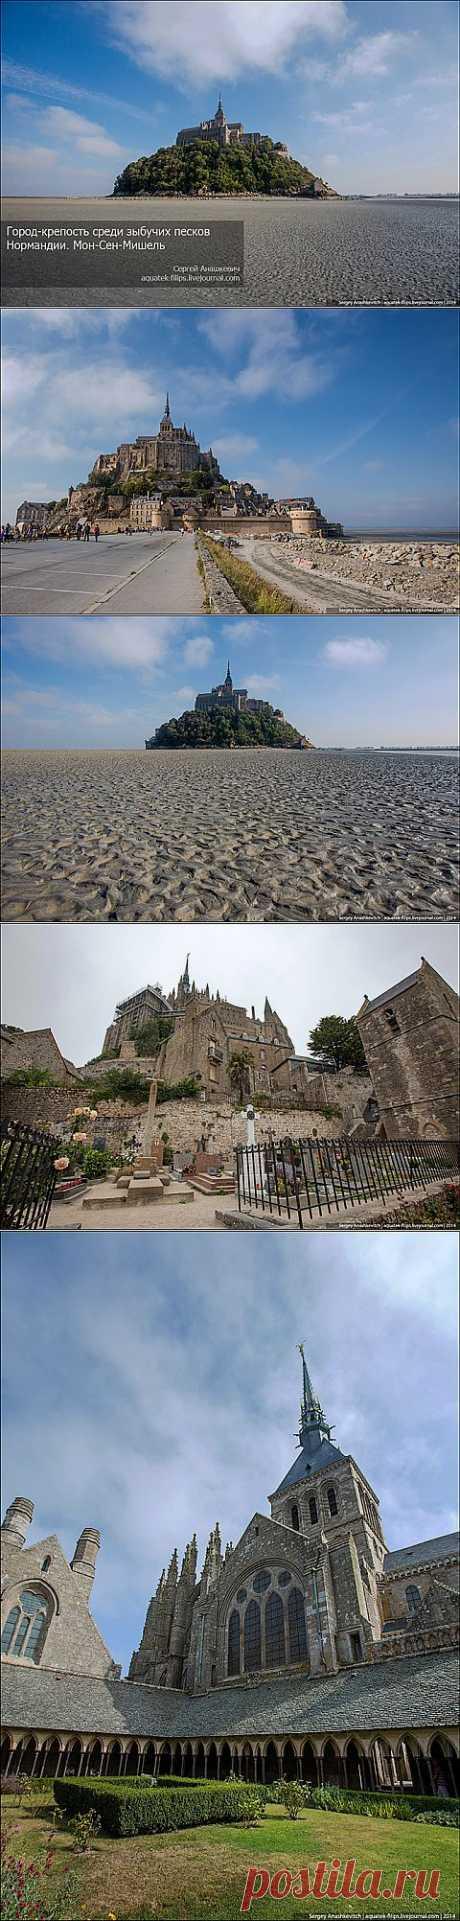 (+1) тема - Экскурсия на остров-крепость среди зыбучих песков Нормандии | Непутевые заметки